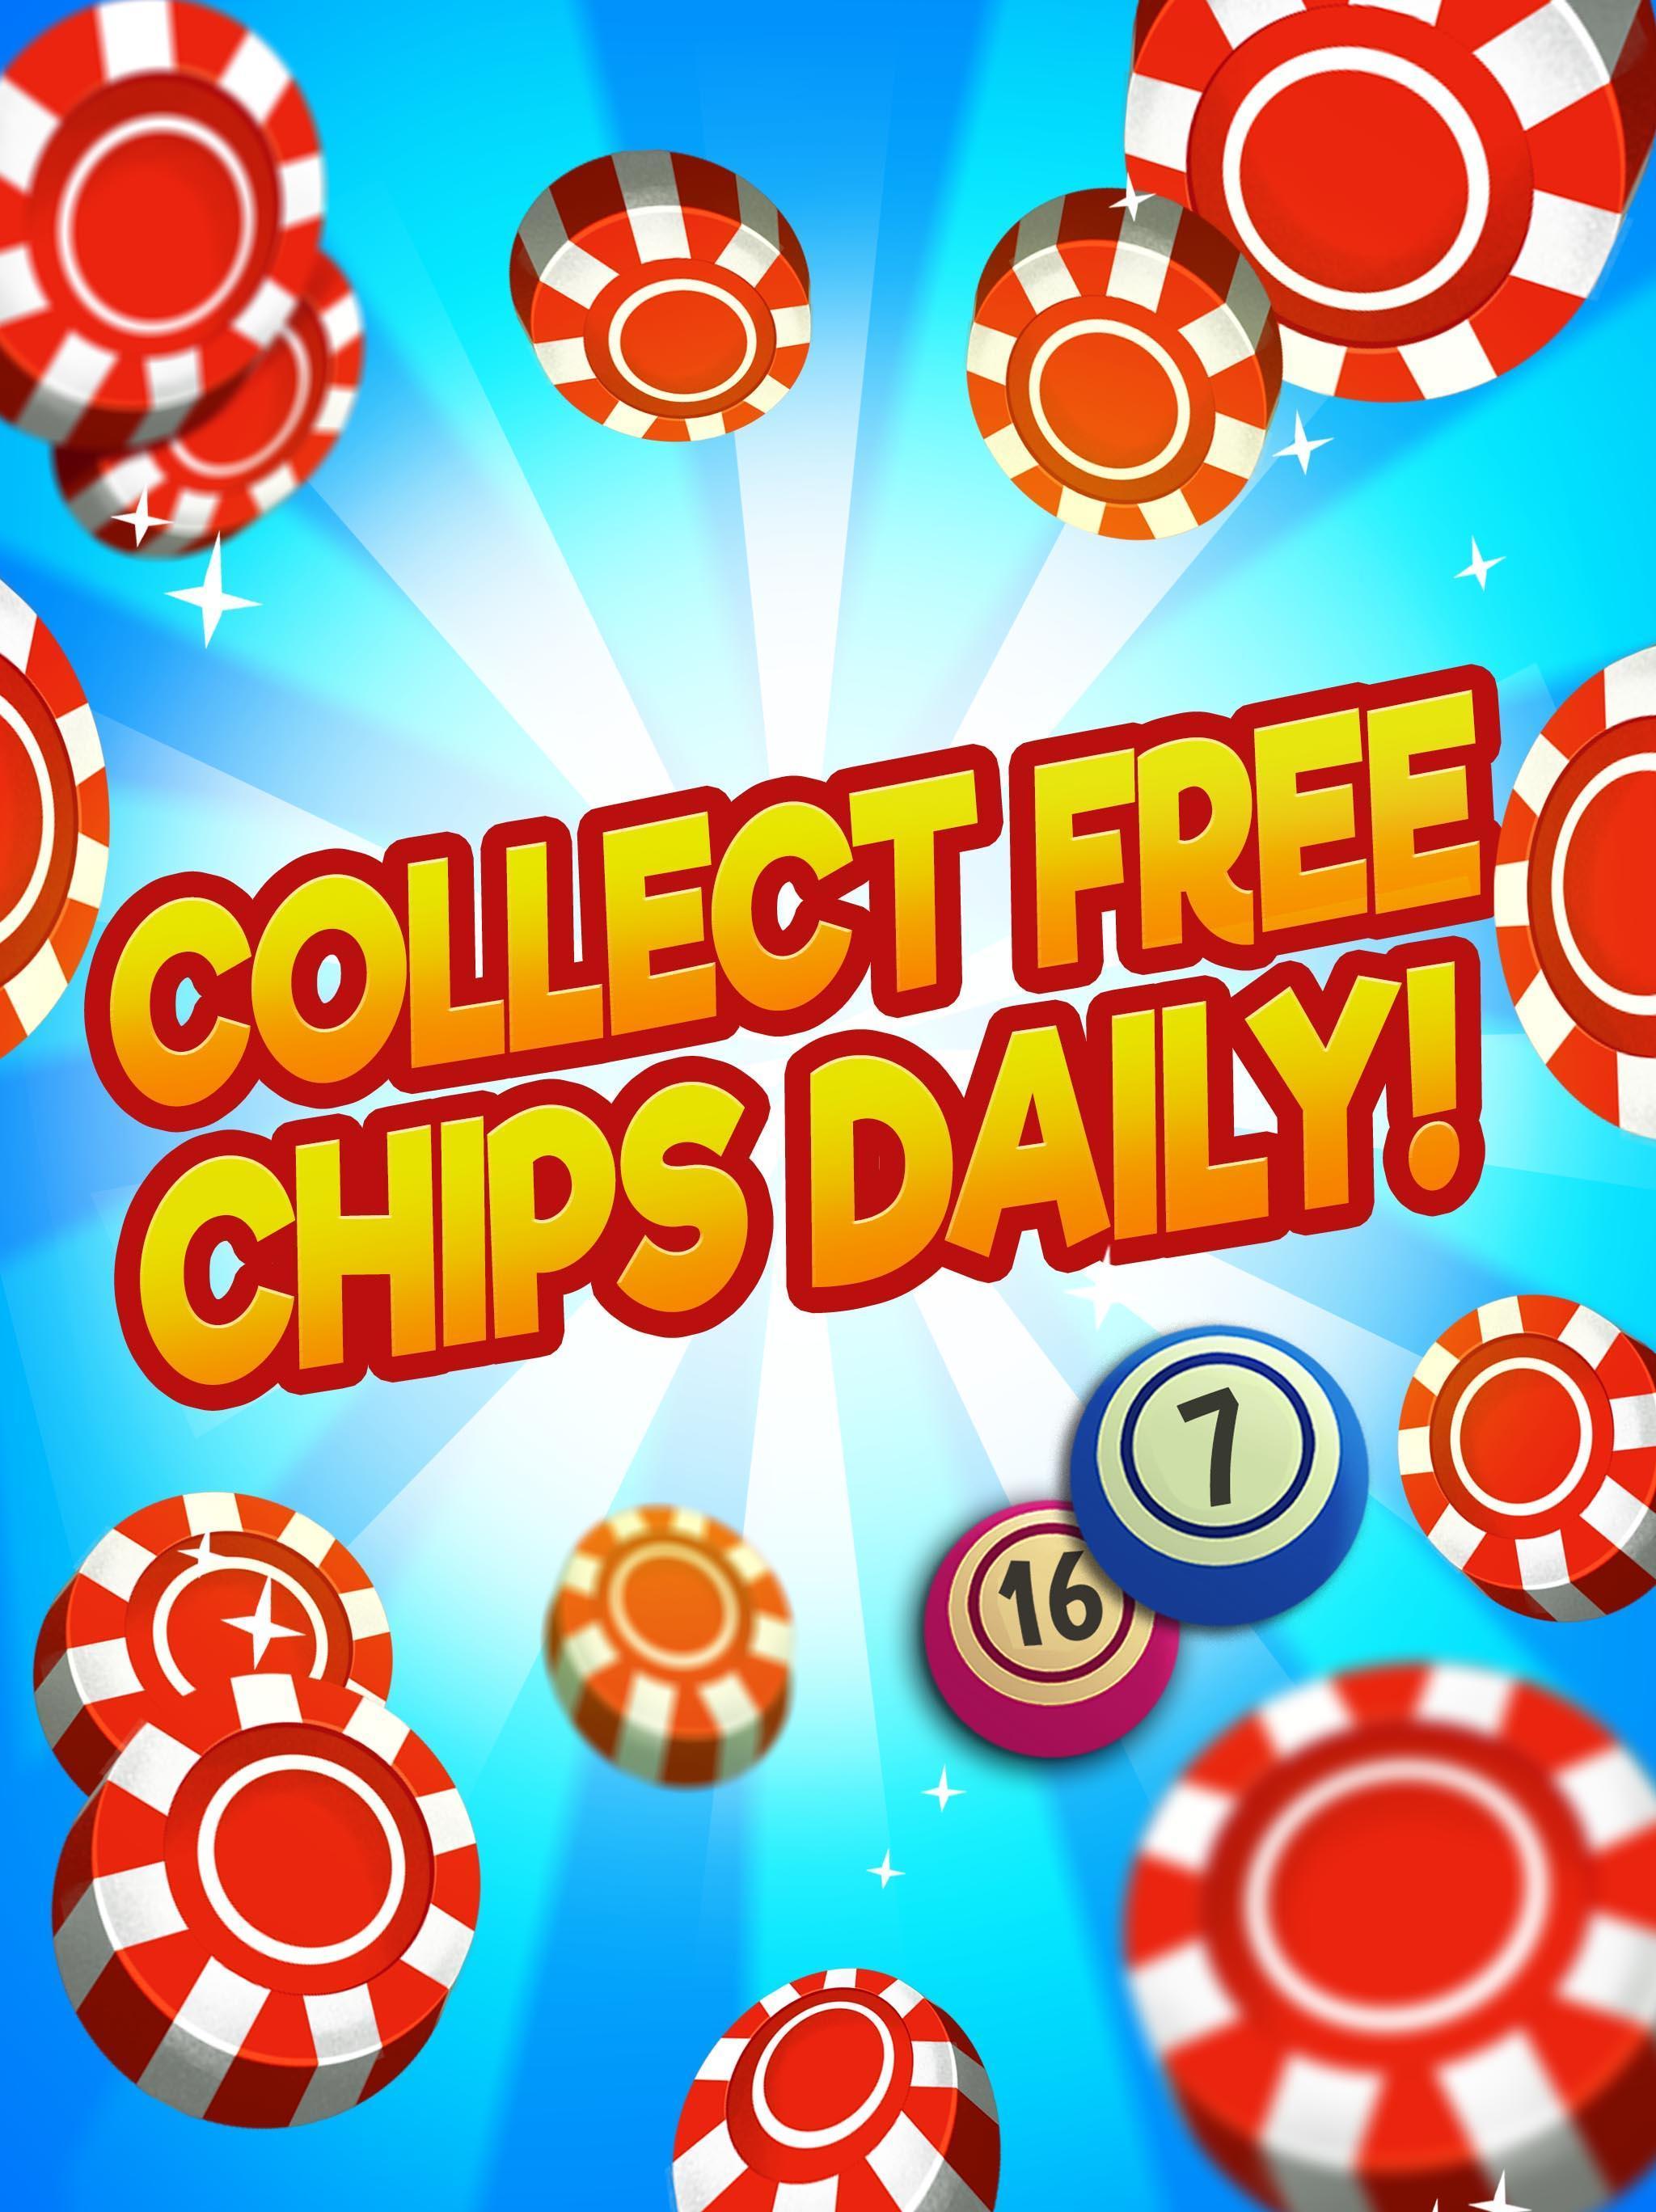 Praia Bingo Bingo Games + Slot + Casino 28.13.1 Screenshot 17